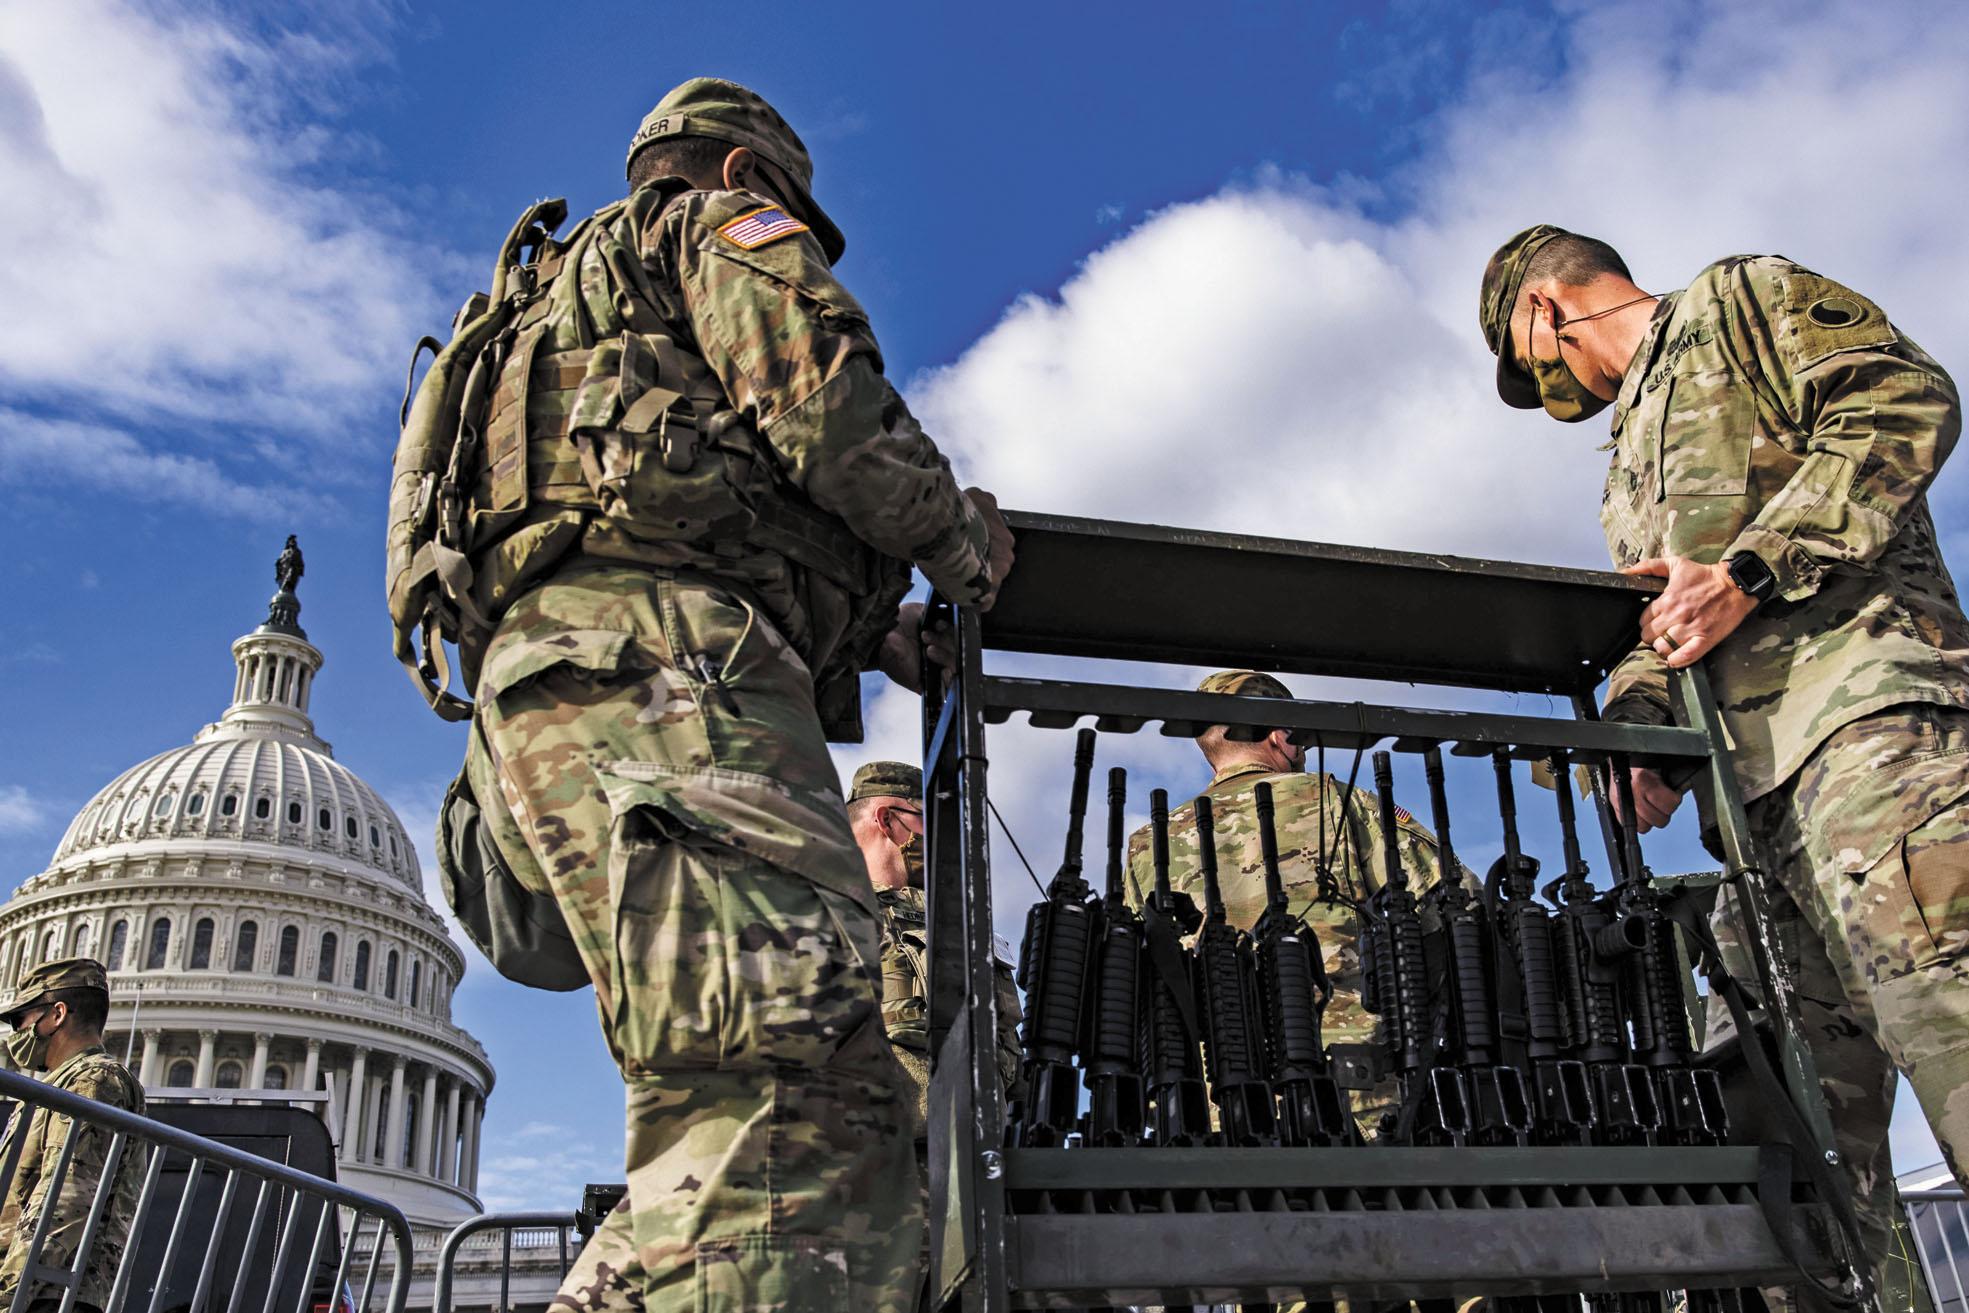 國民警衛隊士兵在國會大廈前準備分發M4步槍。法新社